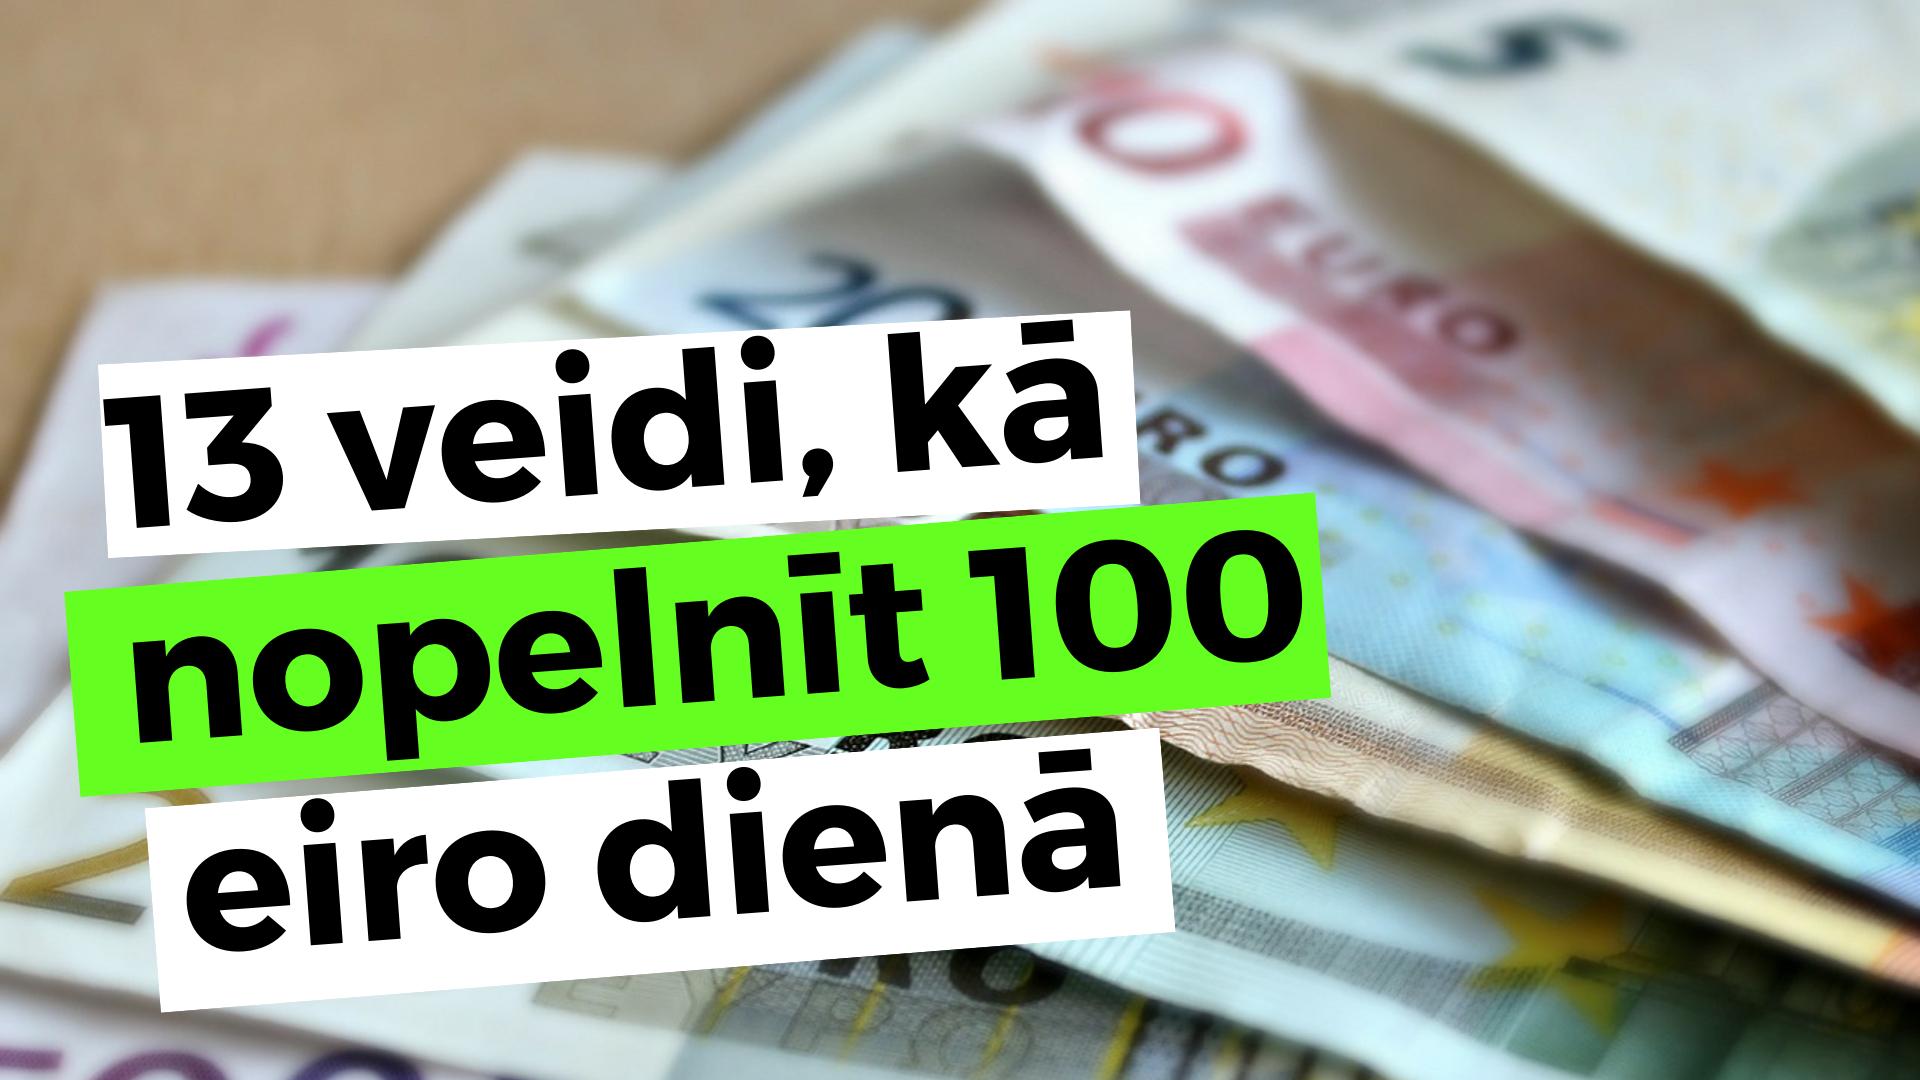 vai man vajag nopelnīt naudu)